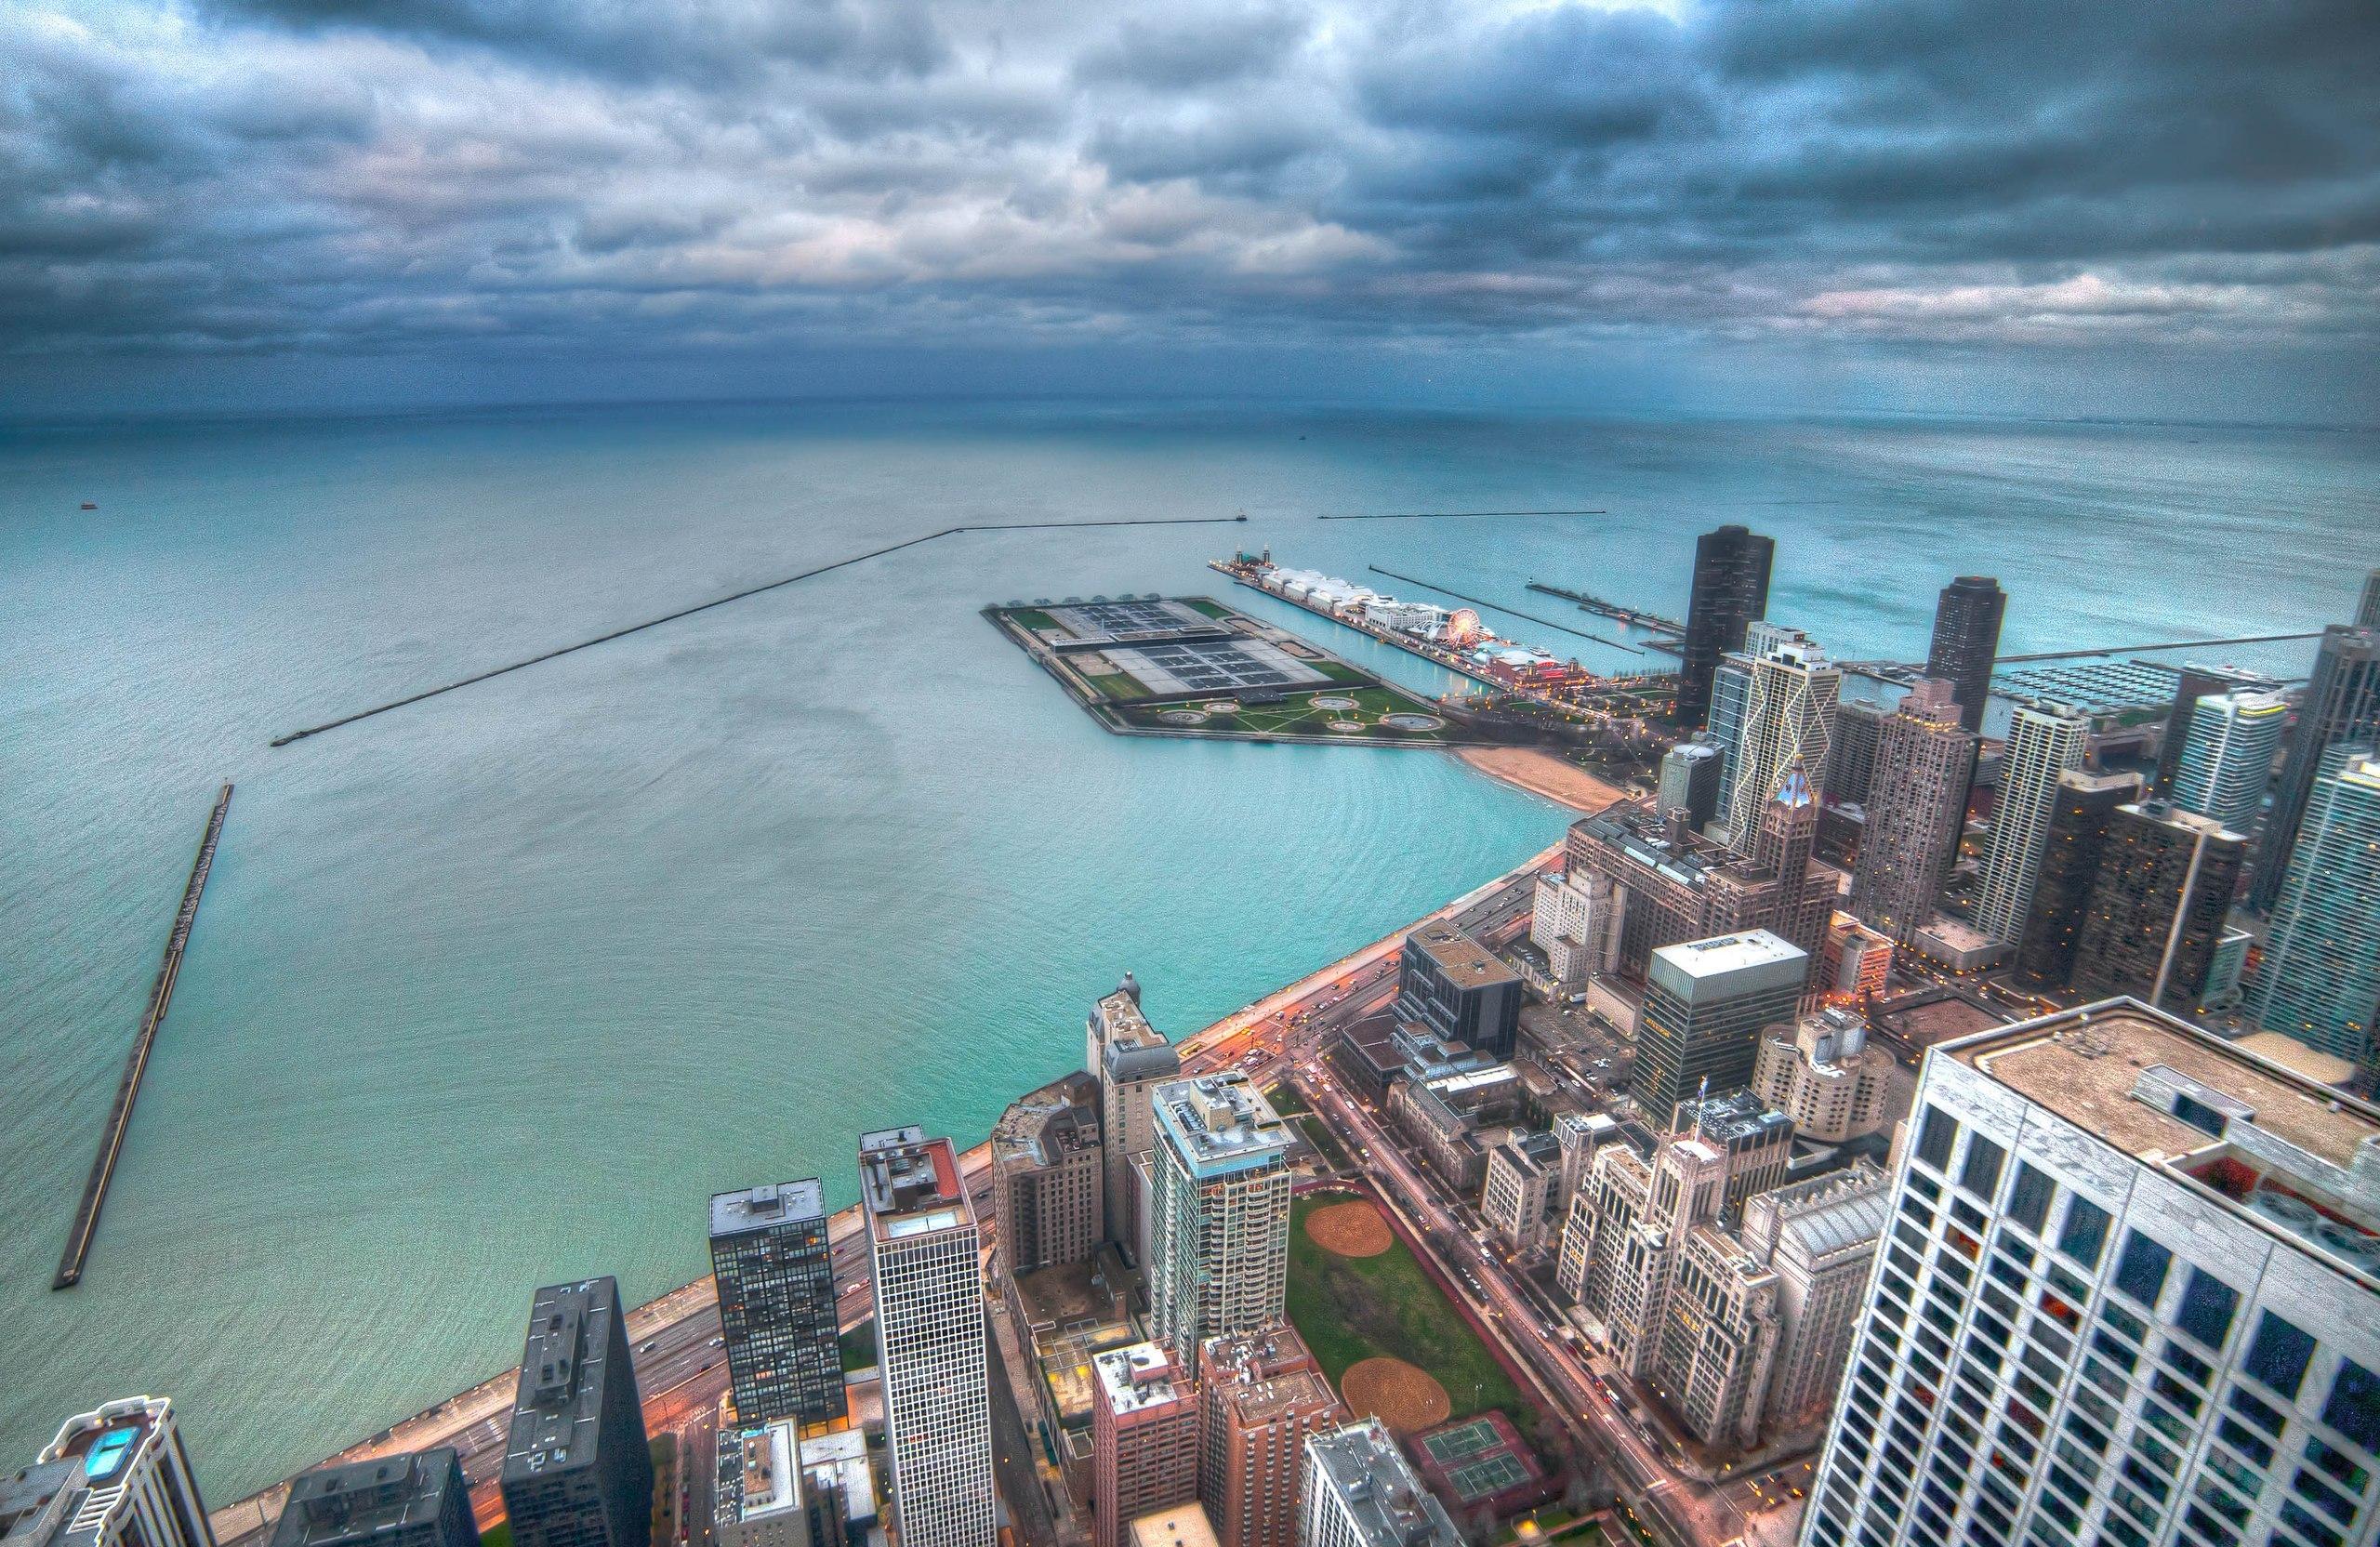 Ночной порт в Чикаго  № 3504426 загрузить